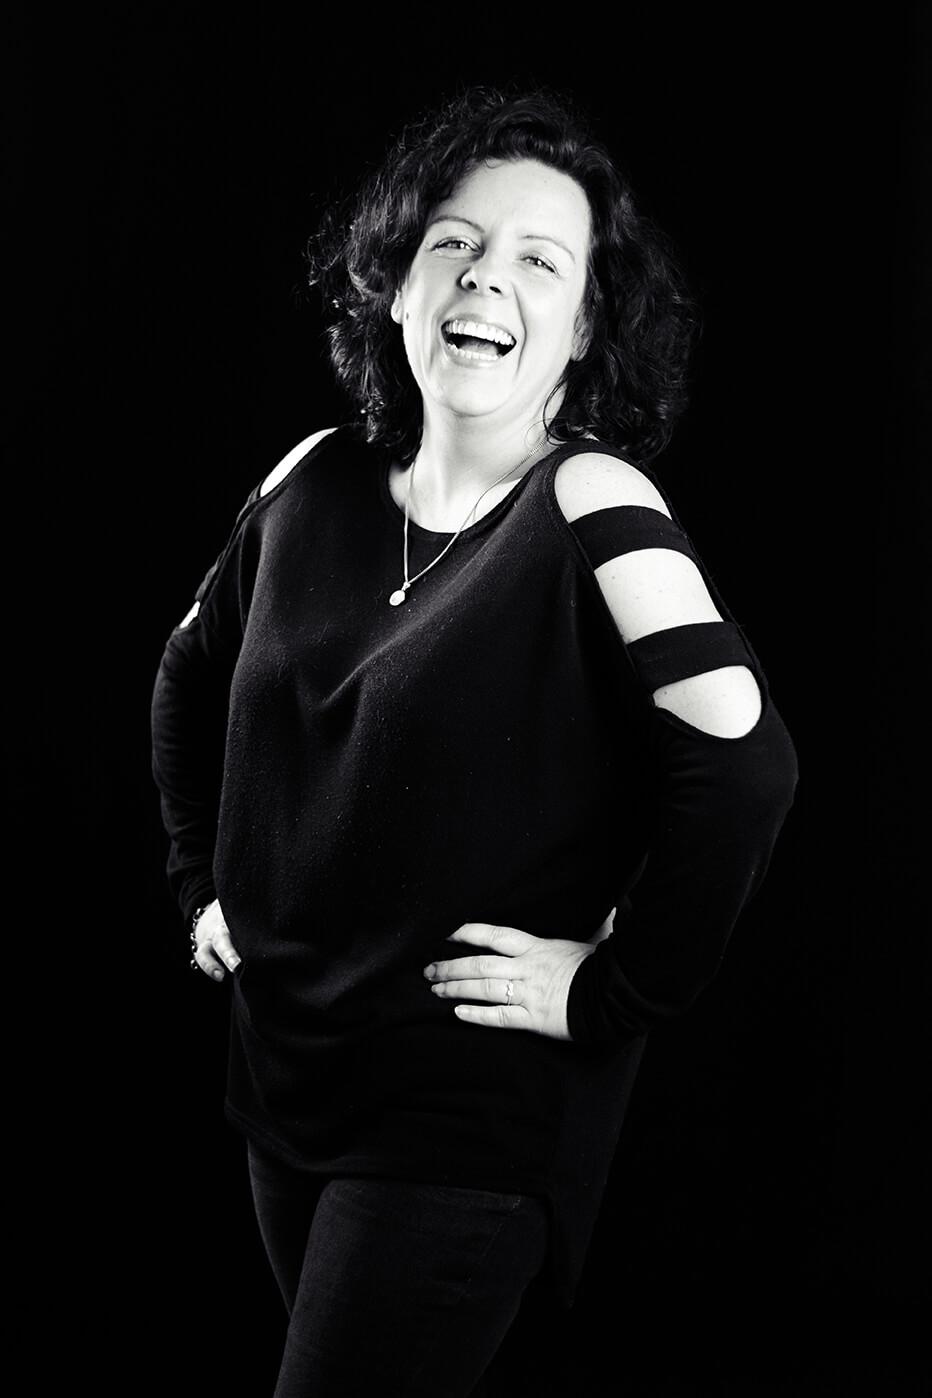 Photographie de portrait de Tika par Laura Van Puymbroeck